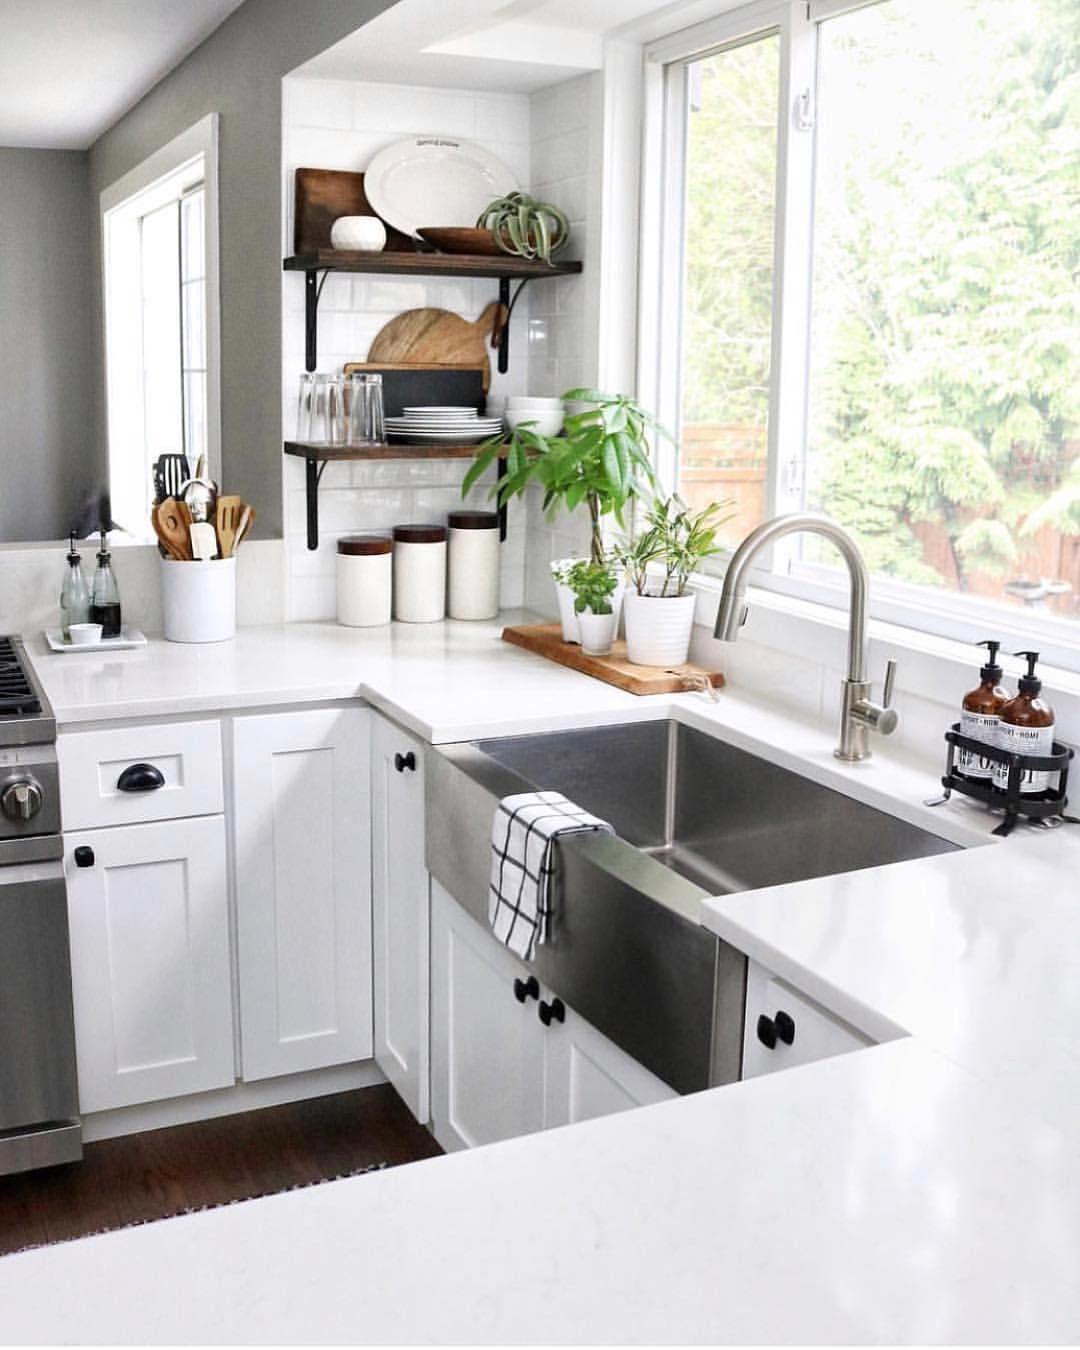 White Kitchen with quartz countertops, farmhouse stainless